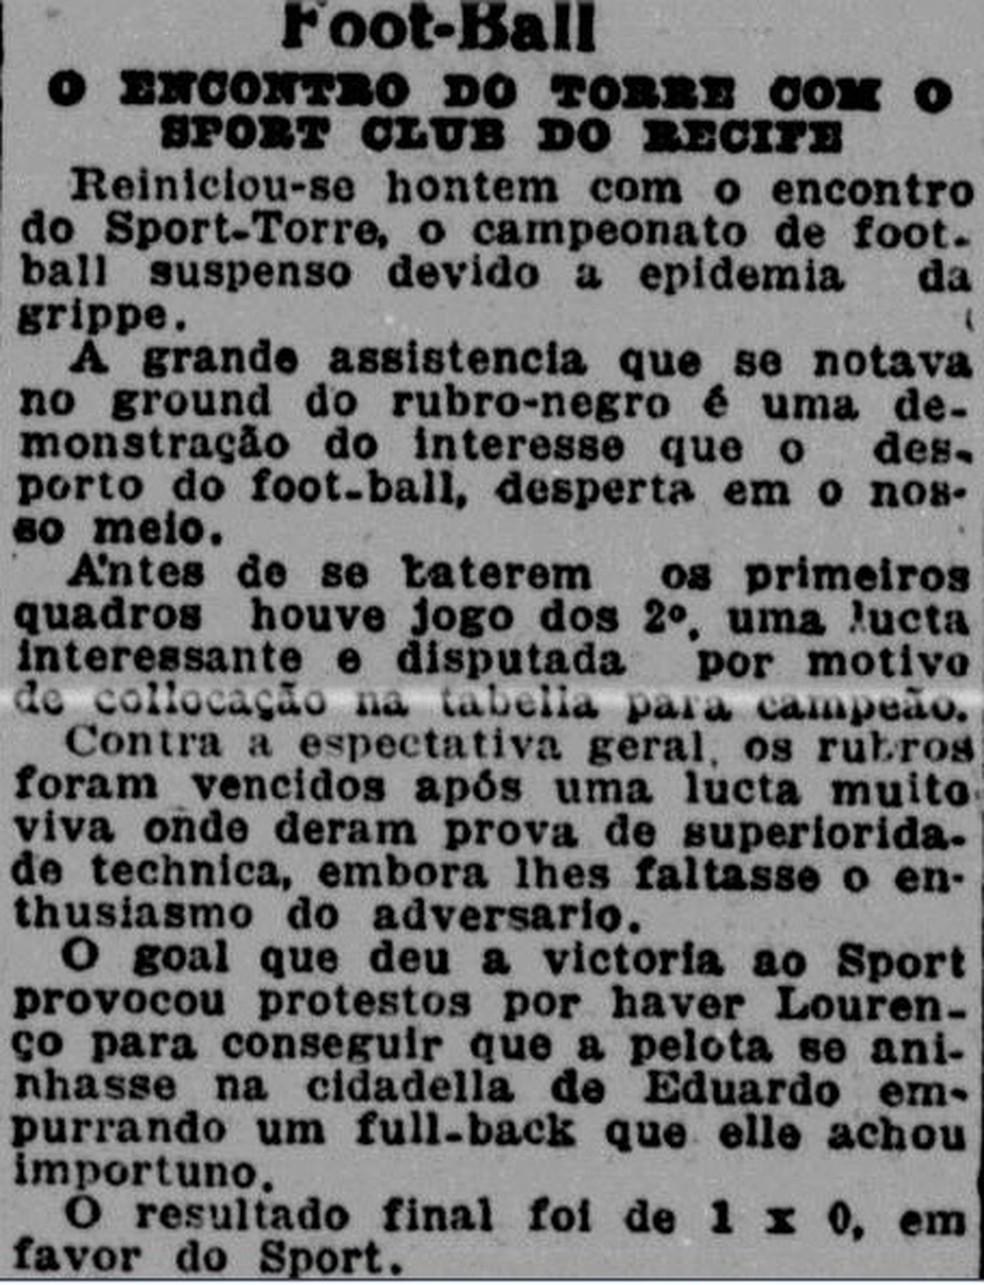 Campeonato Pernambucano de 1918 é retomado após surto da gripe espanhola — Foto: Reprodução/Diario de Pernambuco